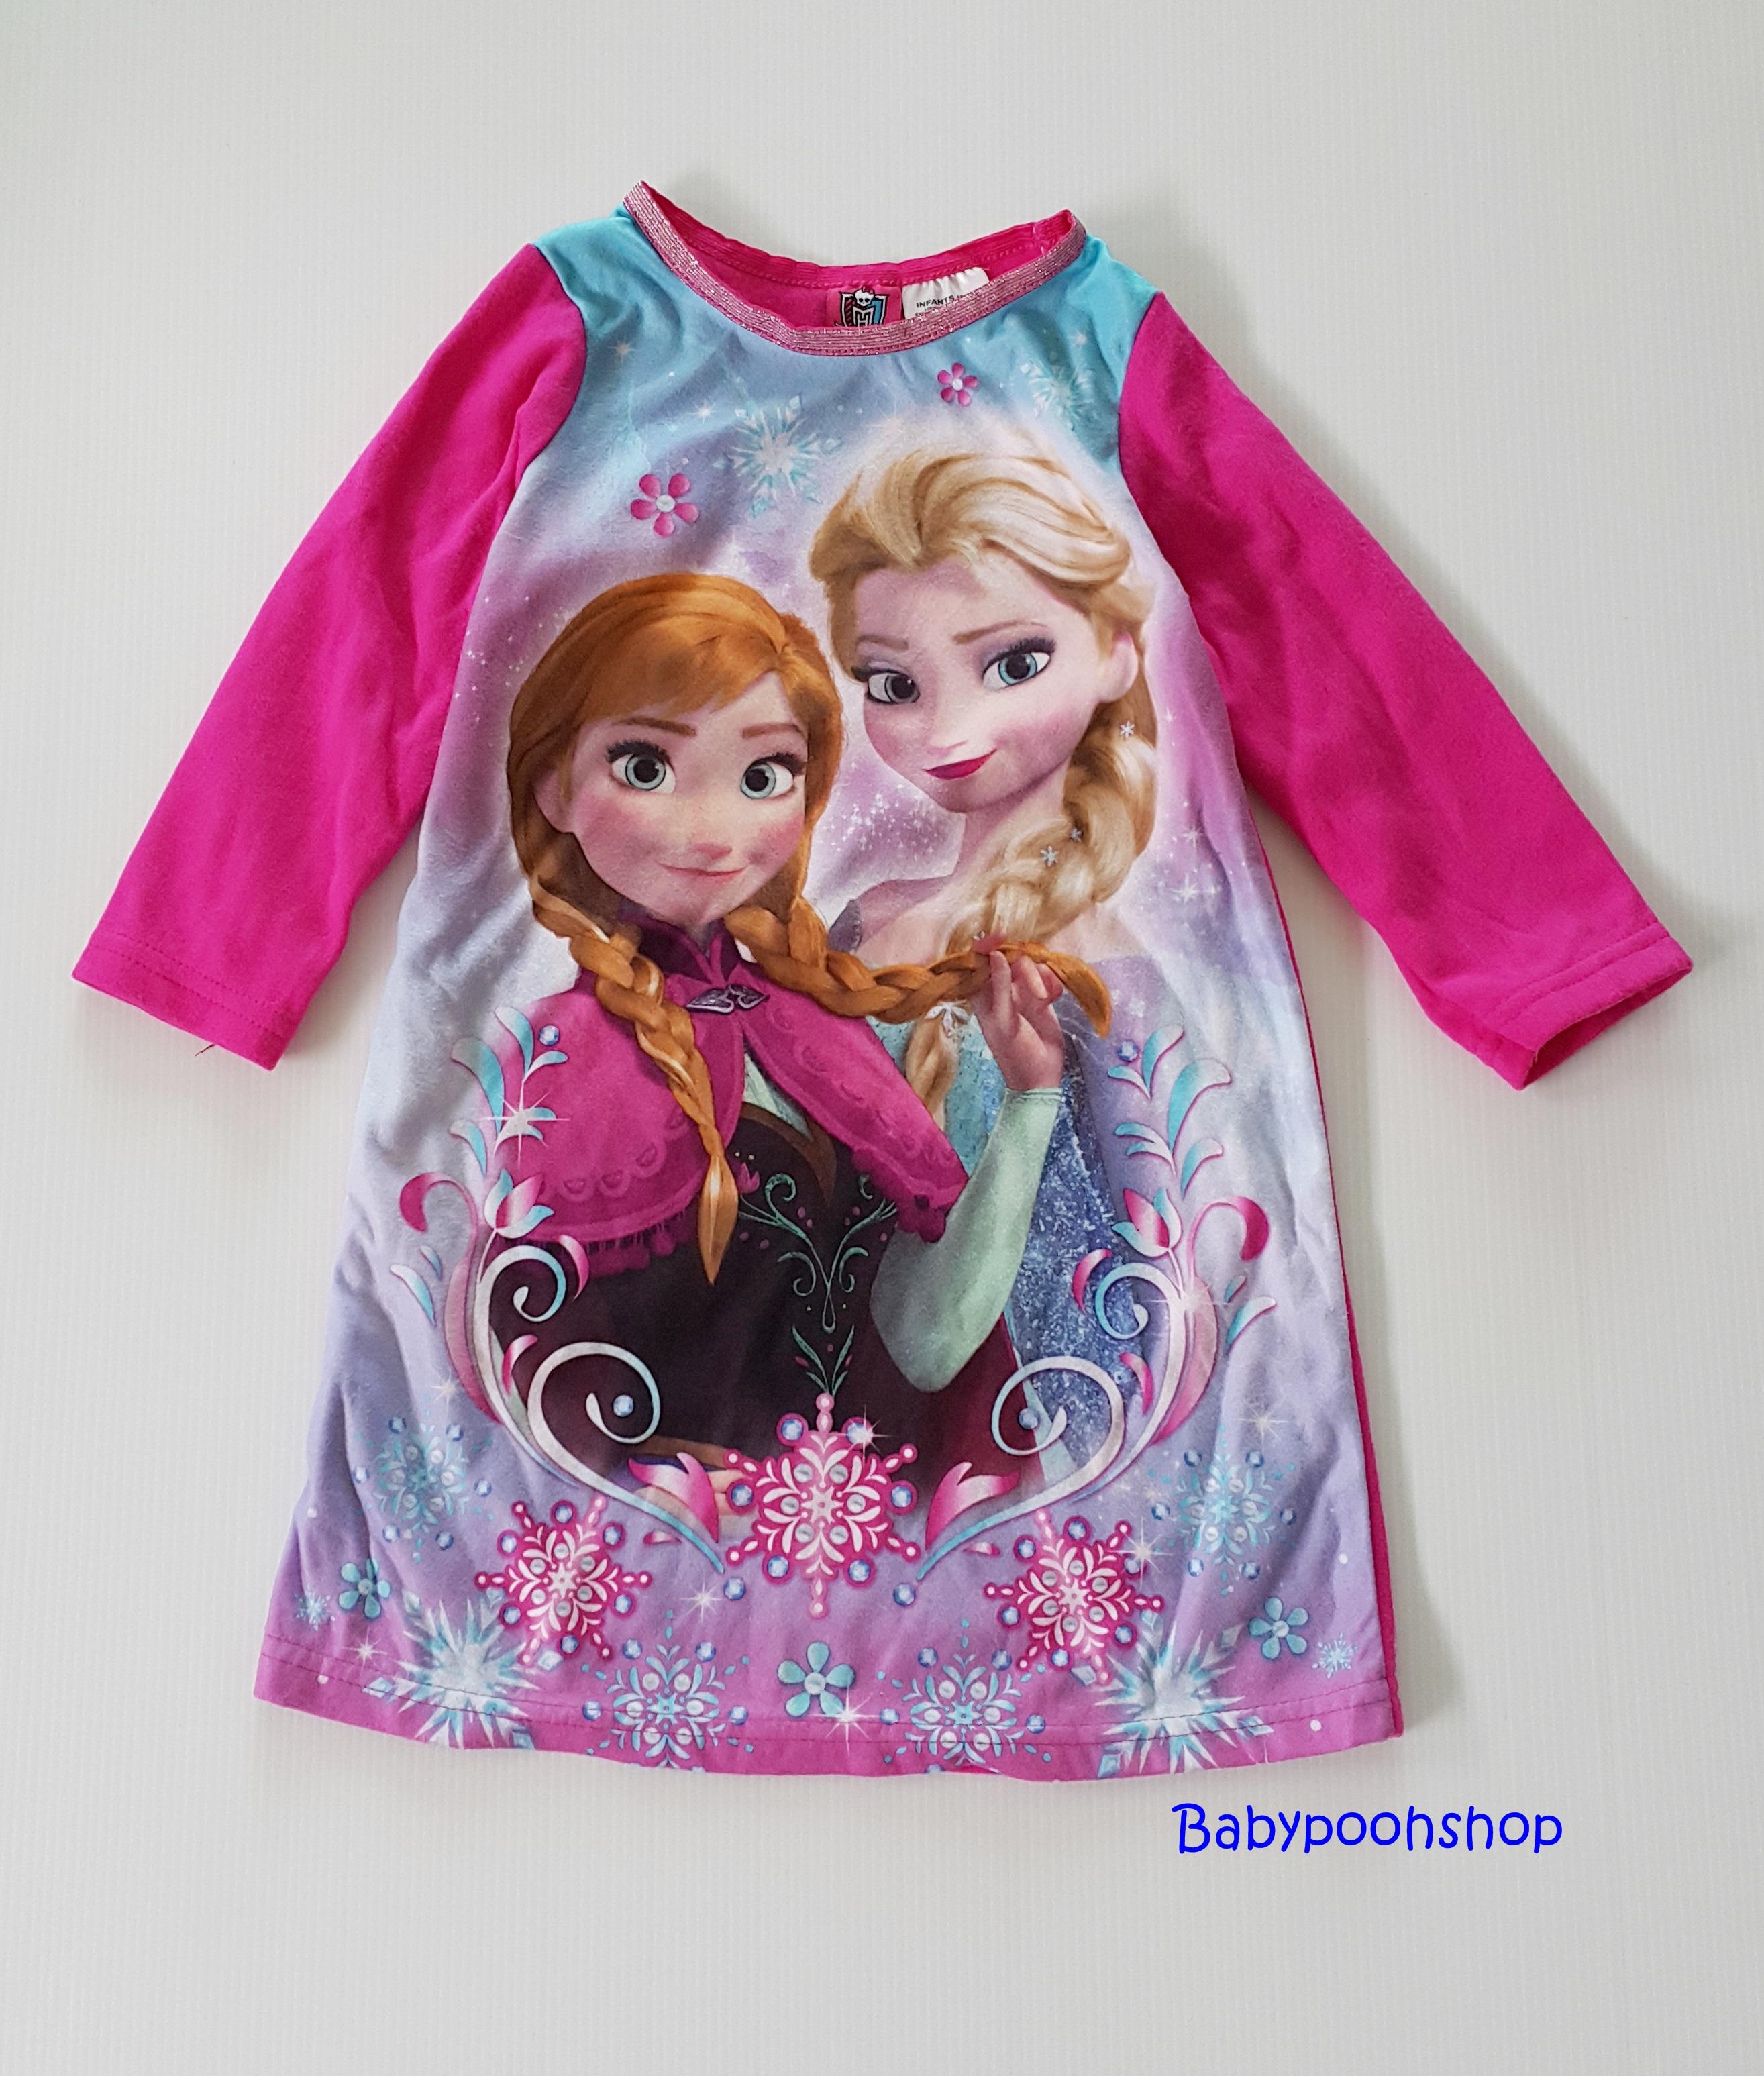 Disney : ชุดนอนแขนยาว ผ้าสำลี พิมพ์ลายเจ้าหญิงแอนนา เอลซ่า สีชมพูเข้ม size : 12m / 18m / 24m